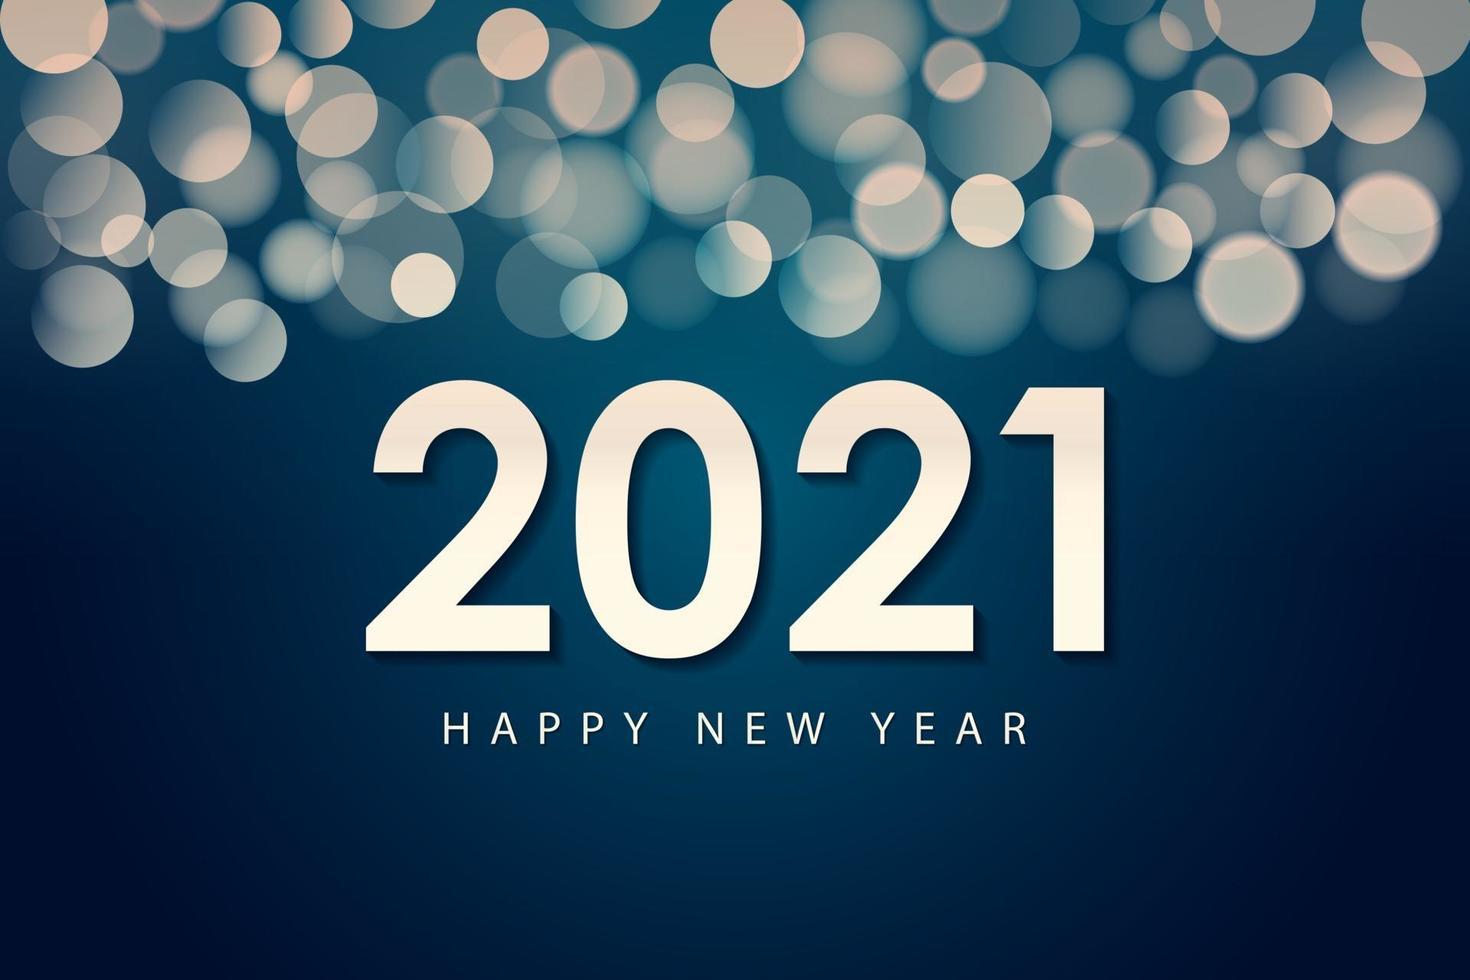 Frohes neues Jahr 2021 Design-Vorlage für Grußkarten, Poster, Banner, Vektor-Illustration. vektor